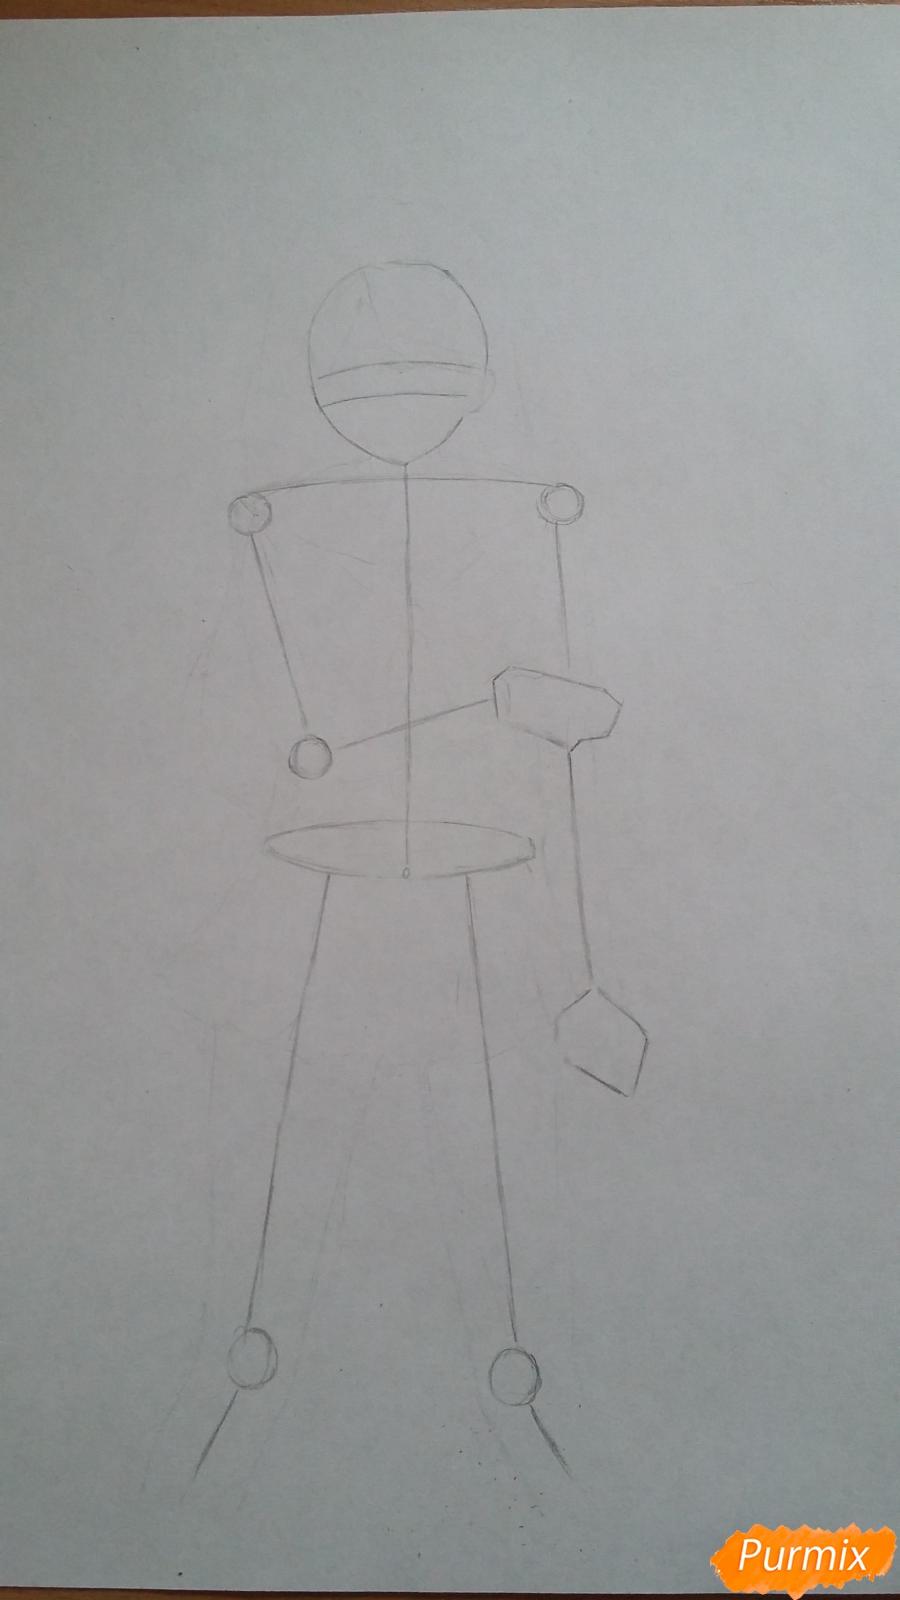 Рисуем девушку с катаной в аниме стиле - шаг 1